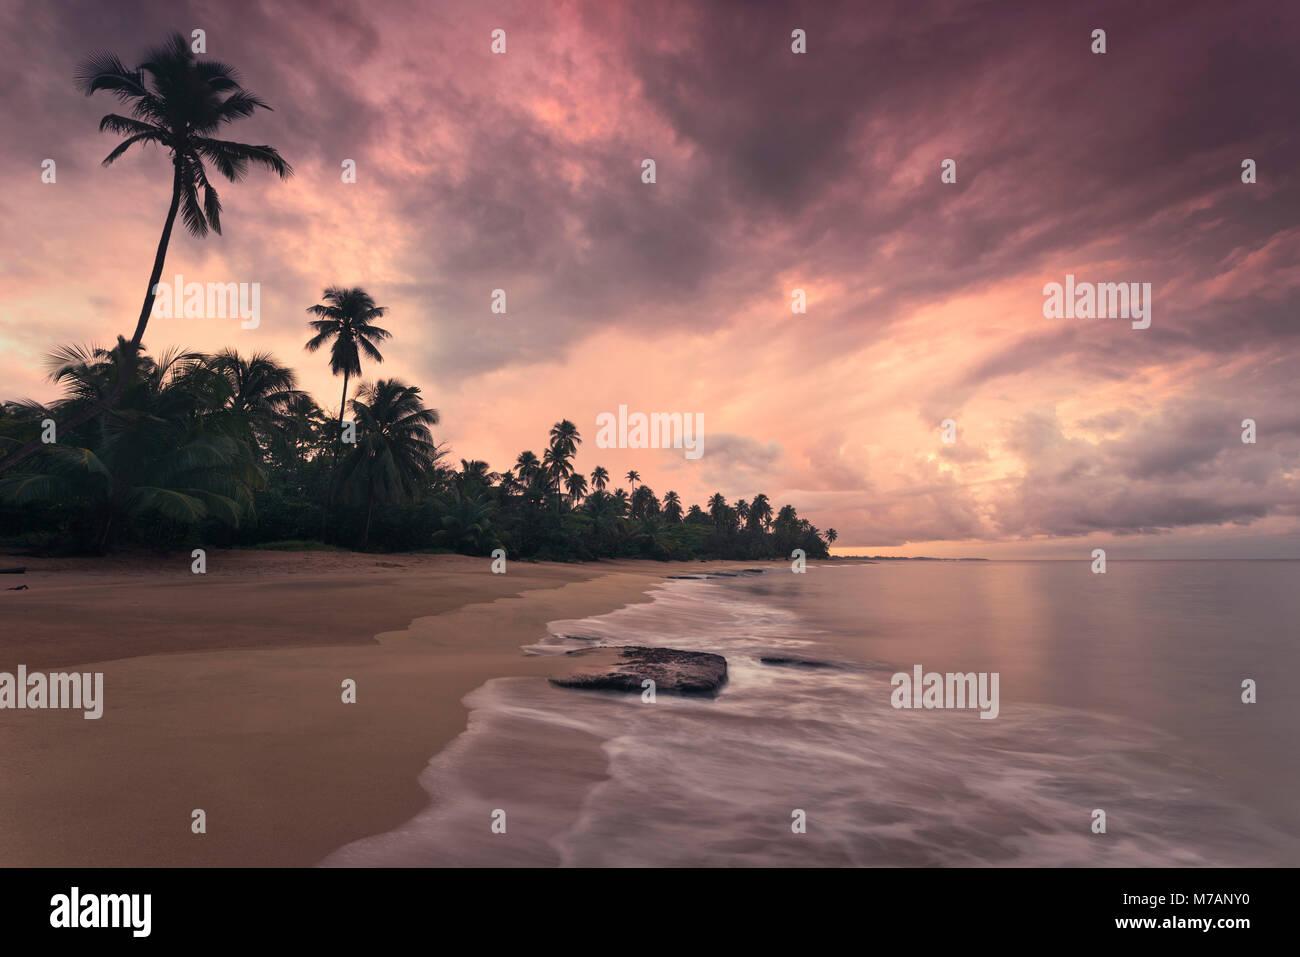 Plage de rêve dans le coucher du soleil des Caraïbes, Punta Vacia, Puerto Rico, l'île des Caraïbes, Photo Stock